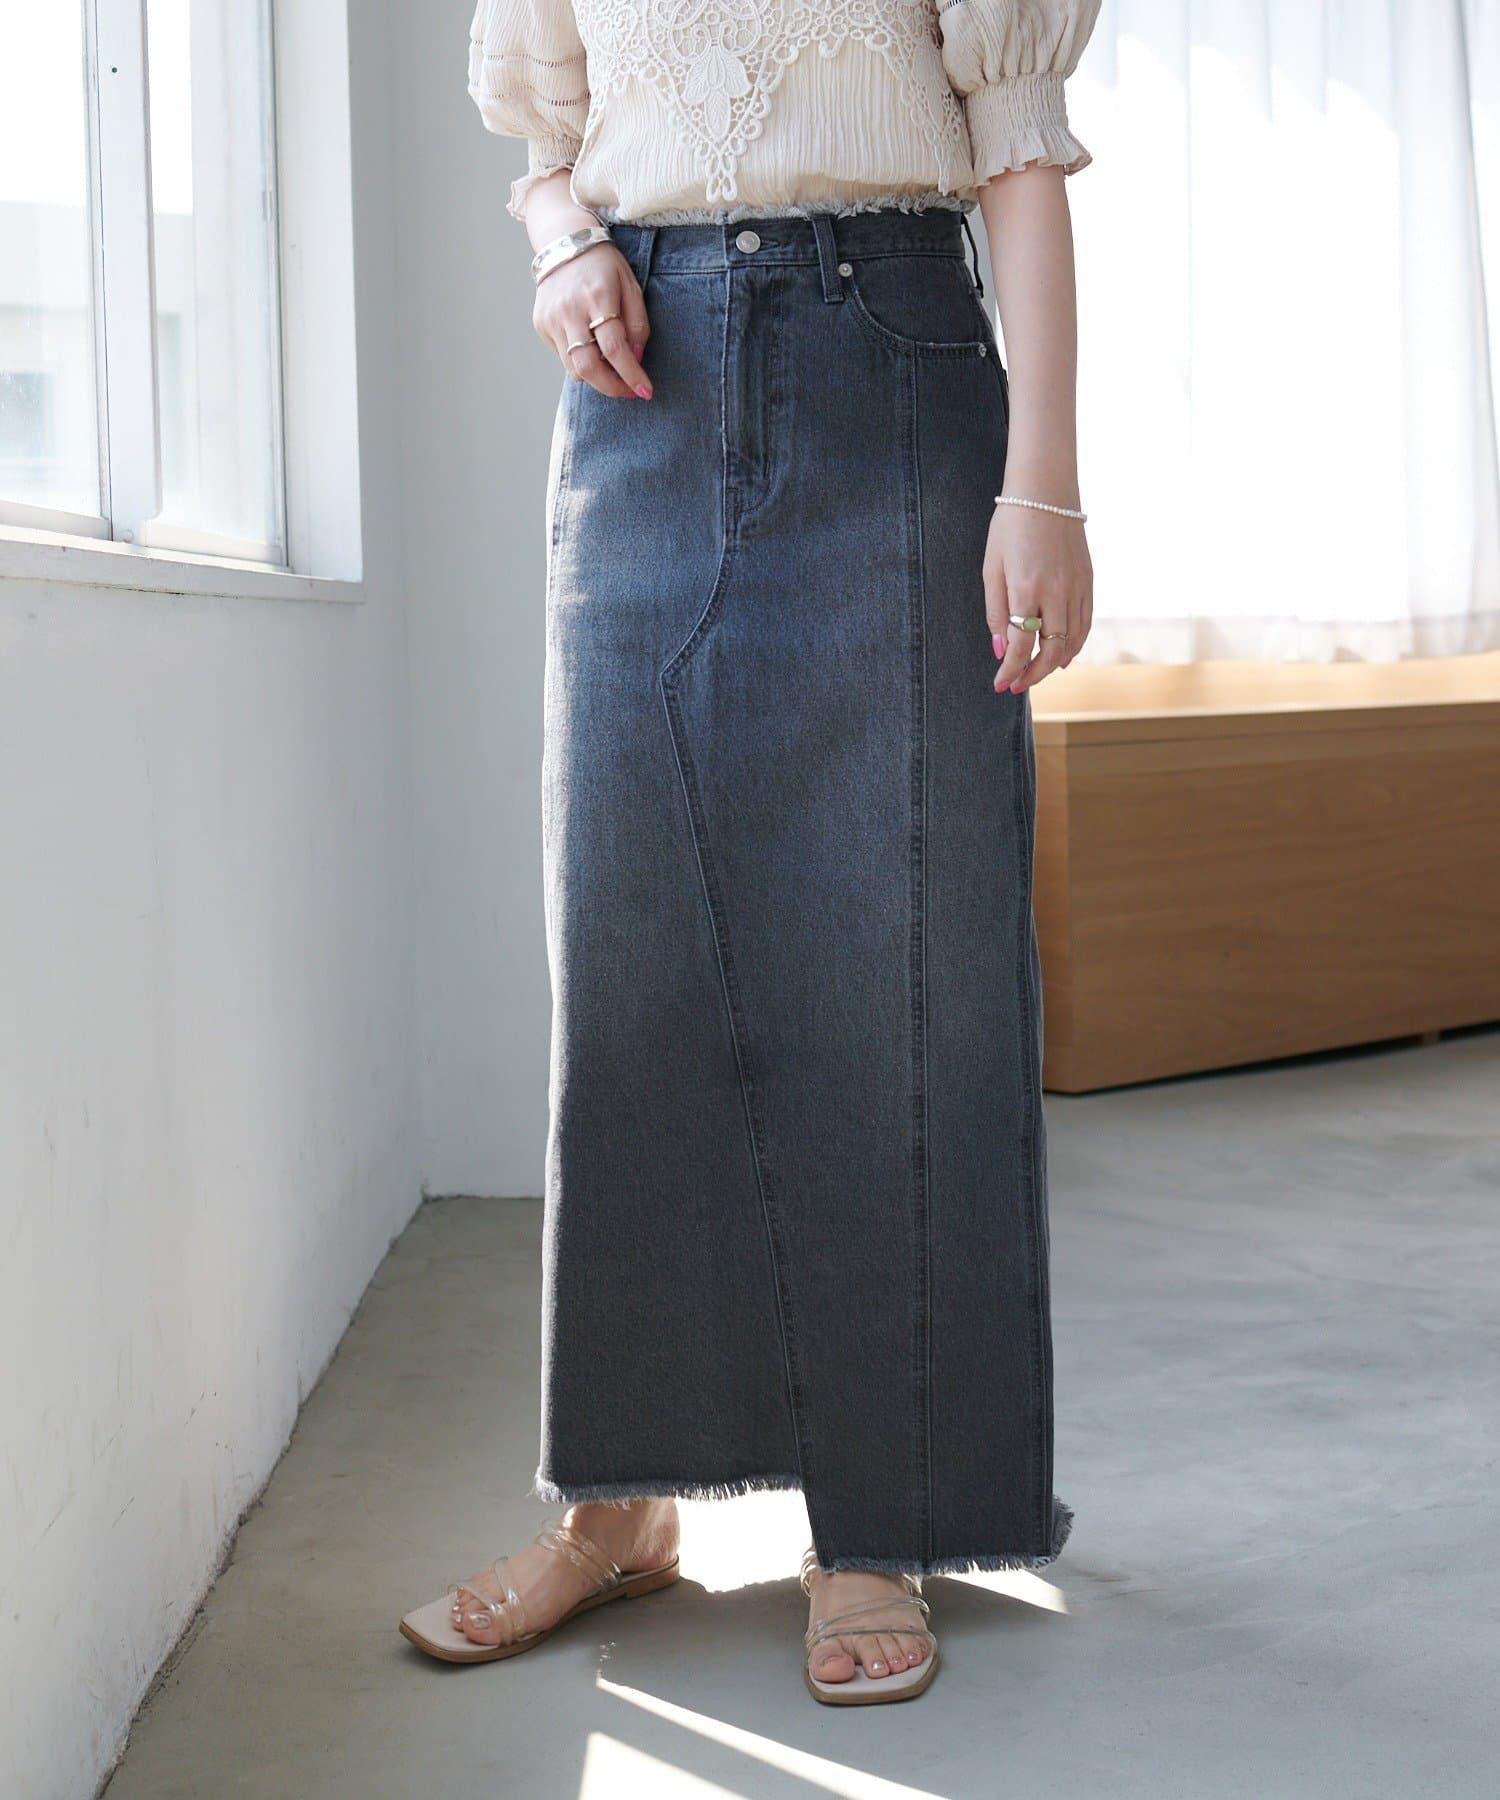 Discoat(ディスコート) リメイク風デニムナロースカート